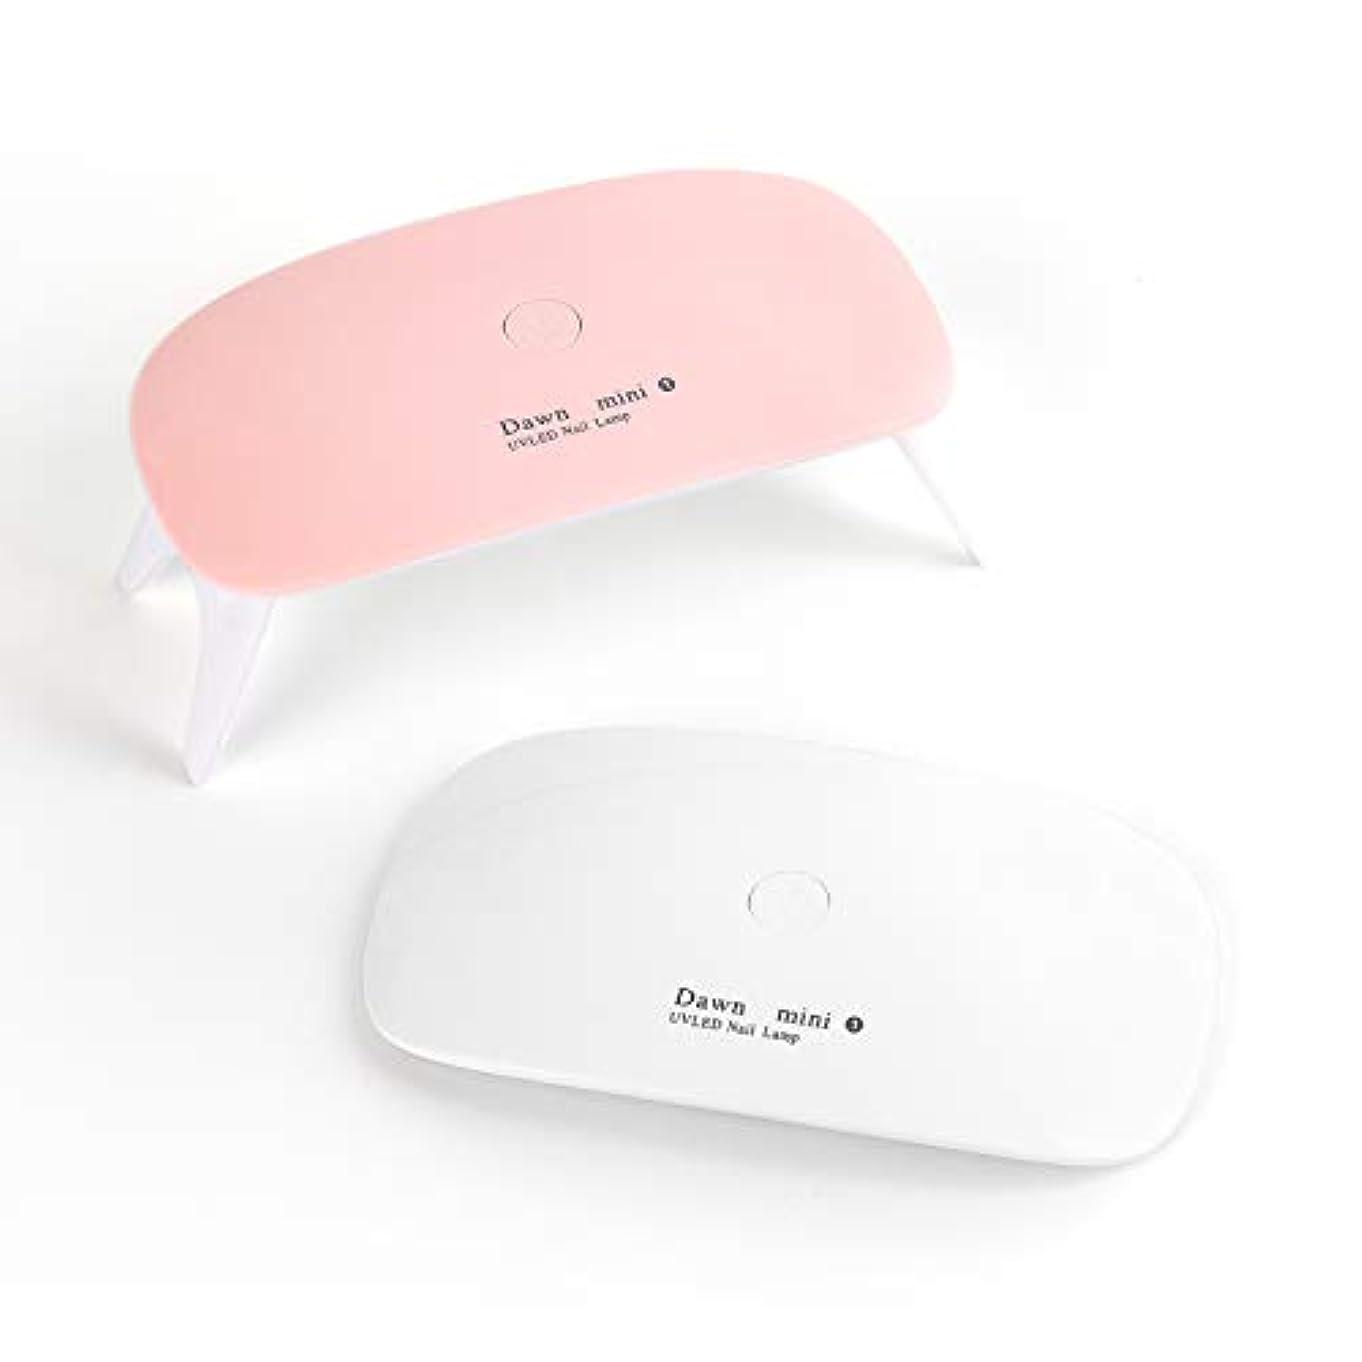 透明にオプションるAQUA NAIL LEDライト UVライト 6W タイマー付き 軽量コンパクトサイズ (ピンク/タイマー付き)